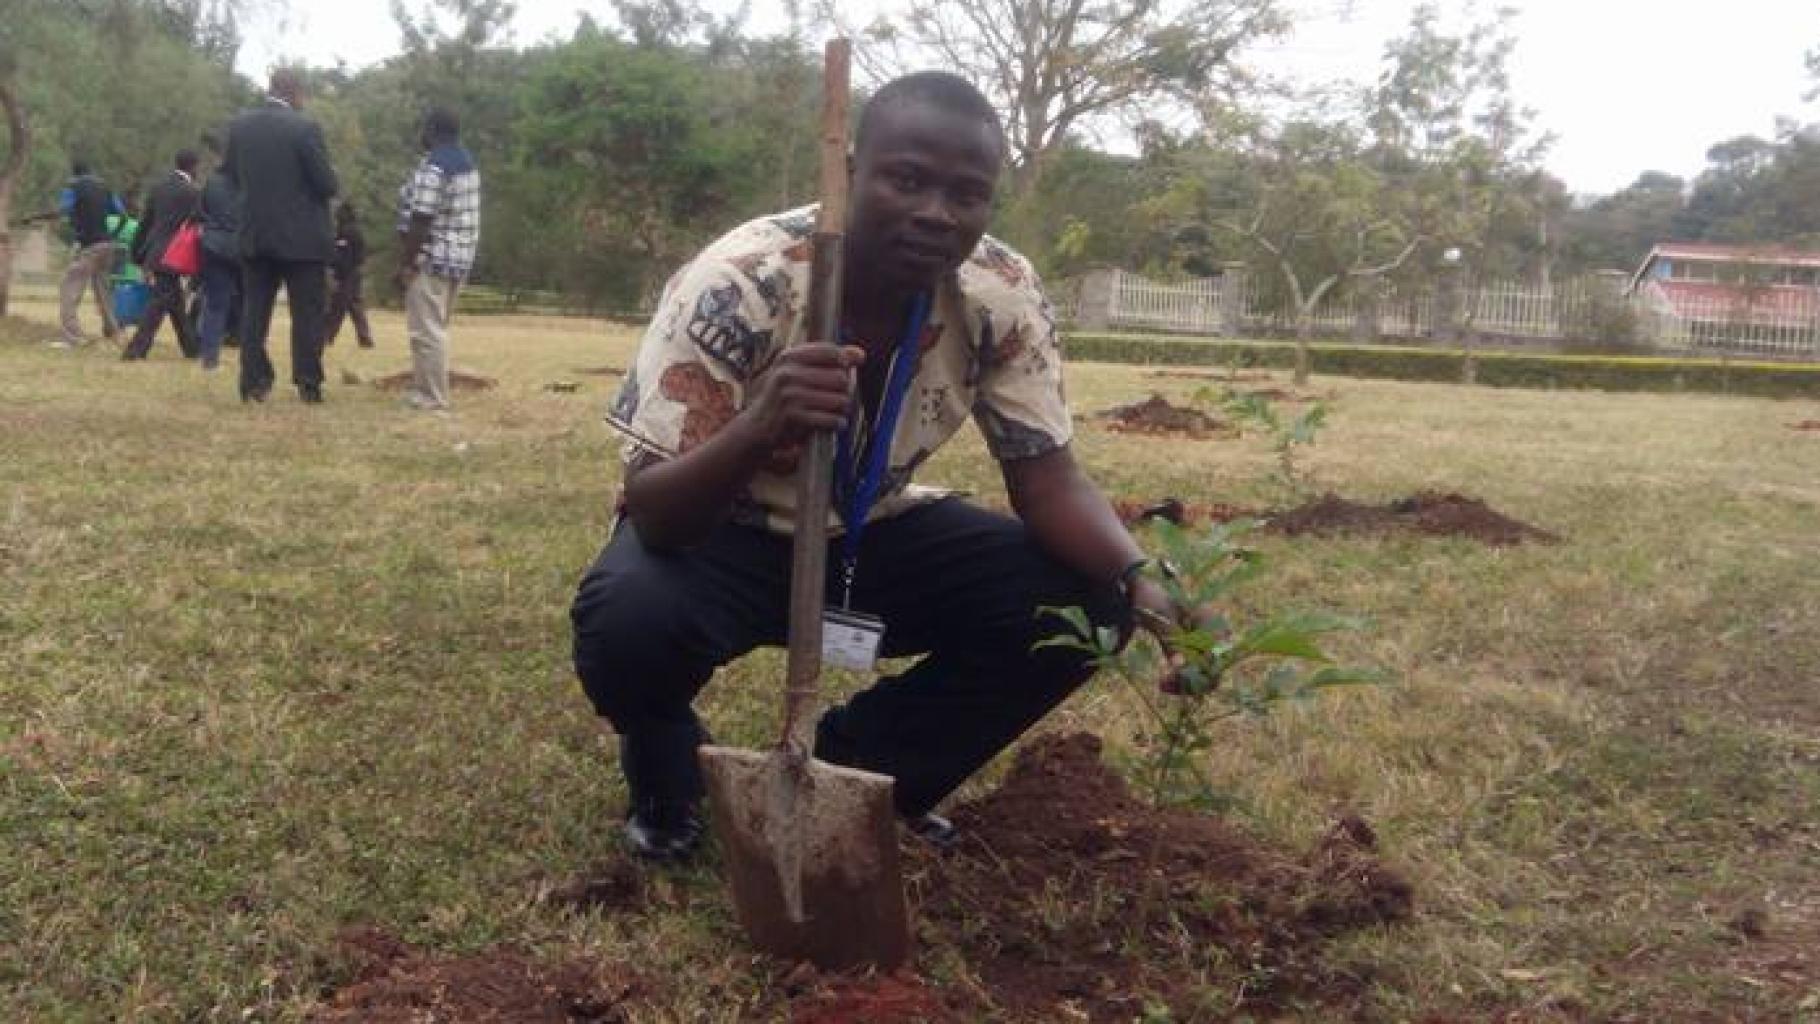 Jonathan Odongo mit einem Spaten neben einem frisch gepflanzten kleinen Baum